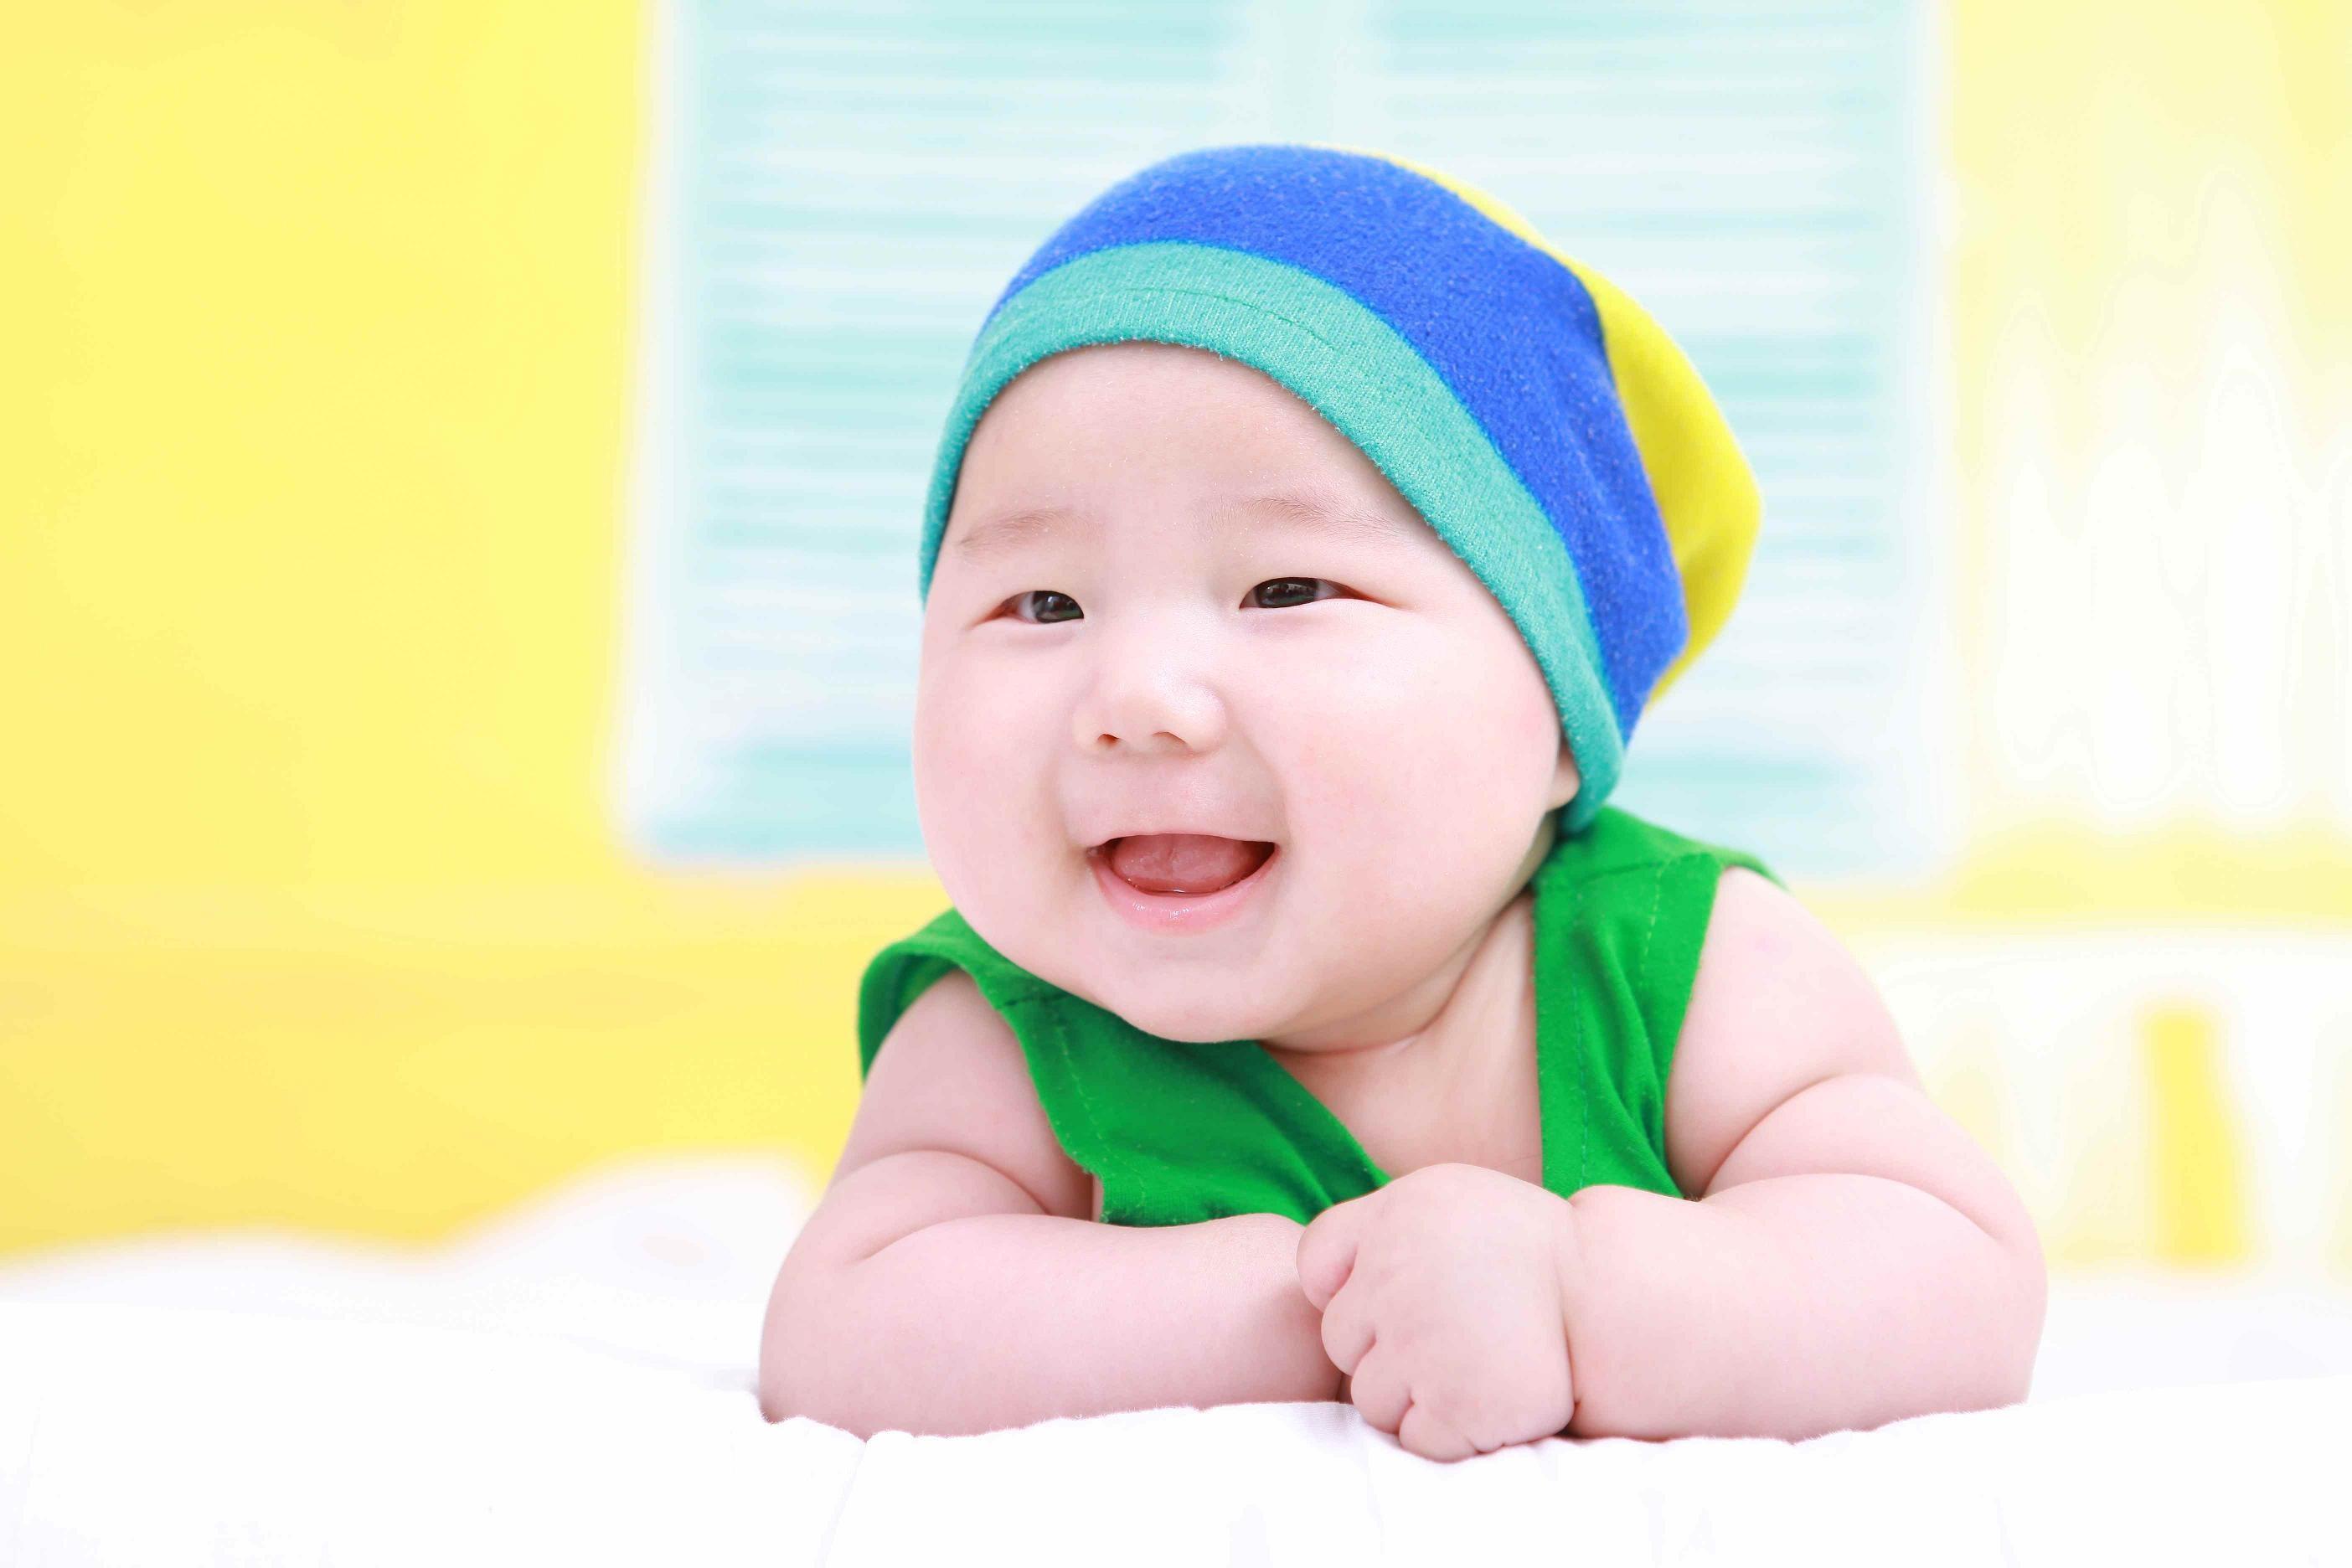 宝宝 壁纸 儿童 孩子 小孩 婴儿 2808_1872